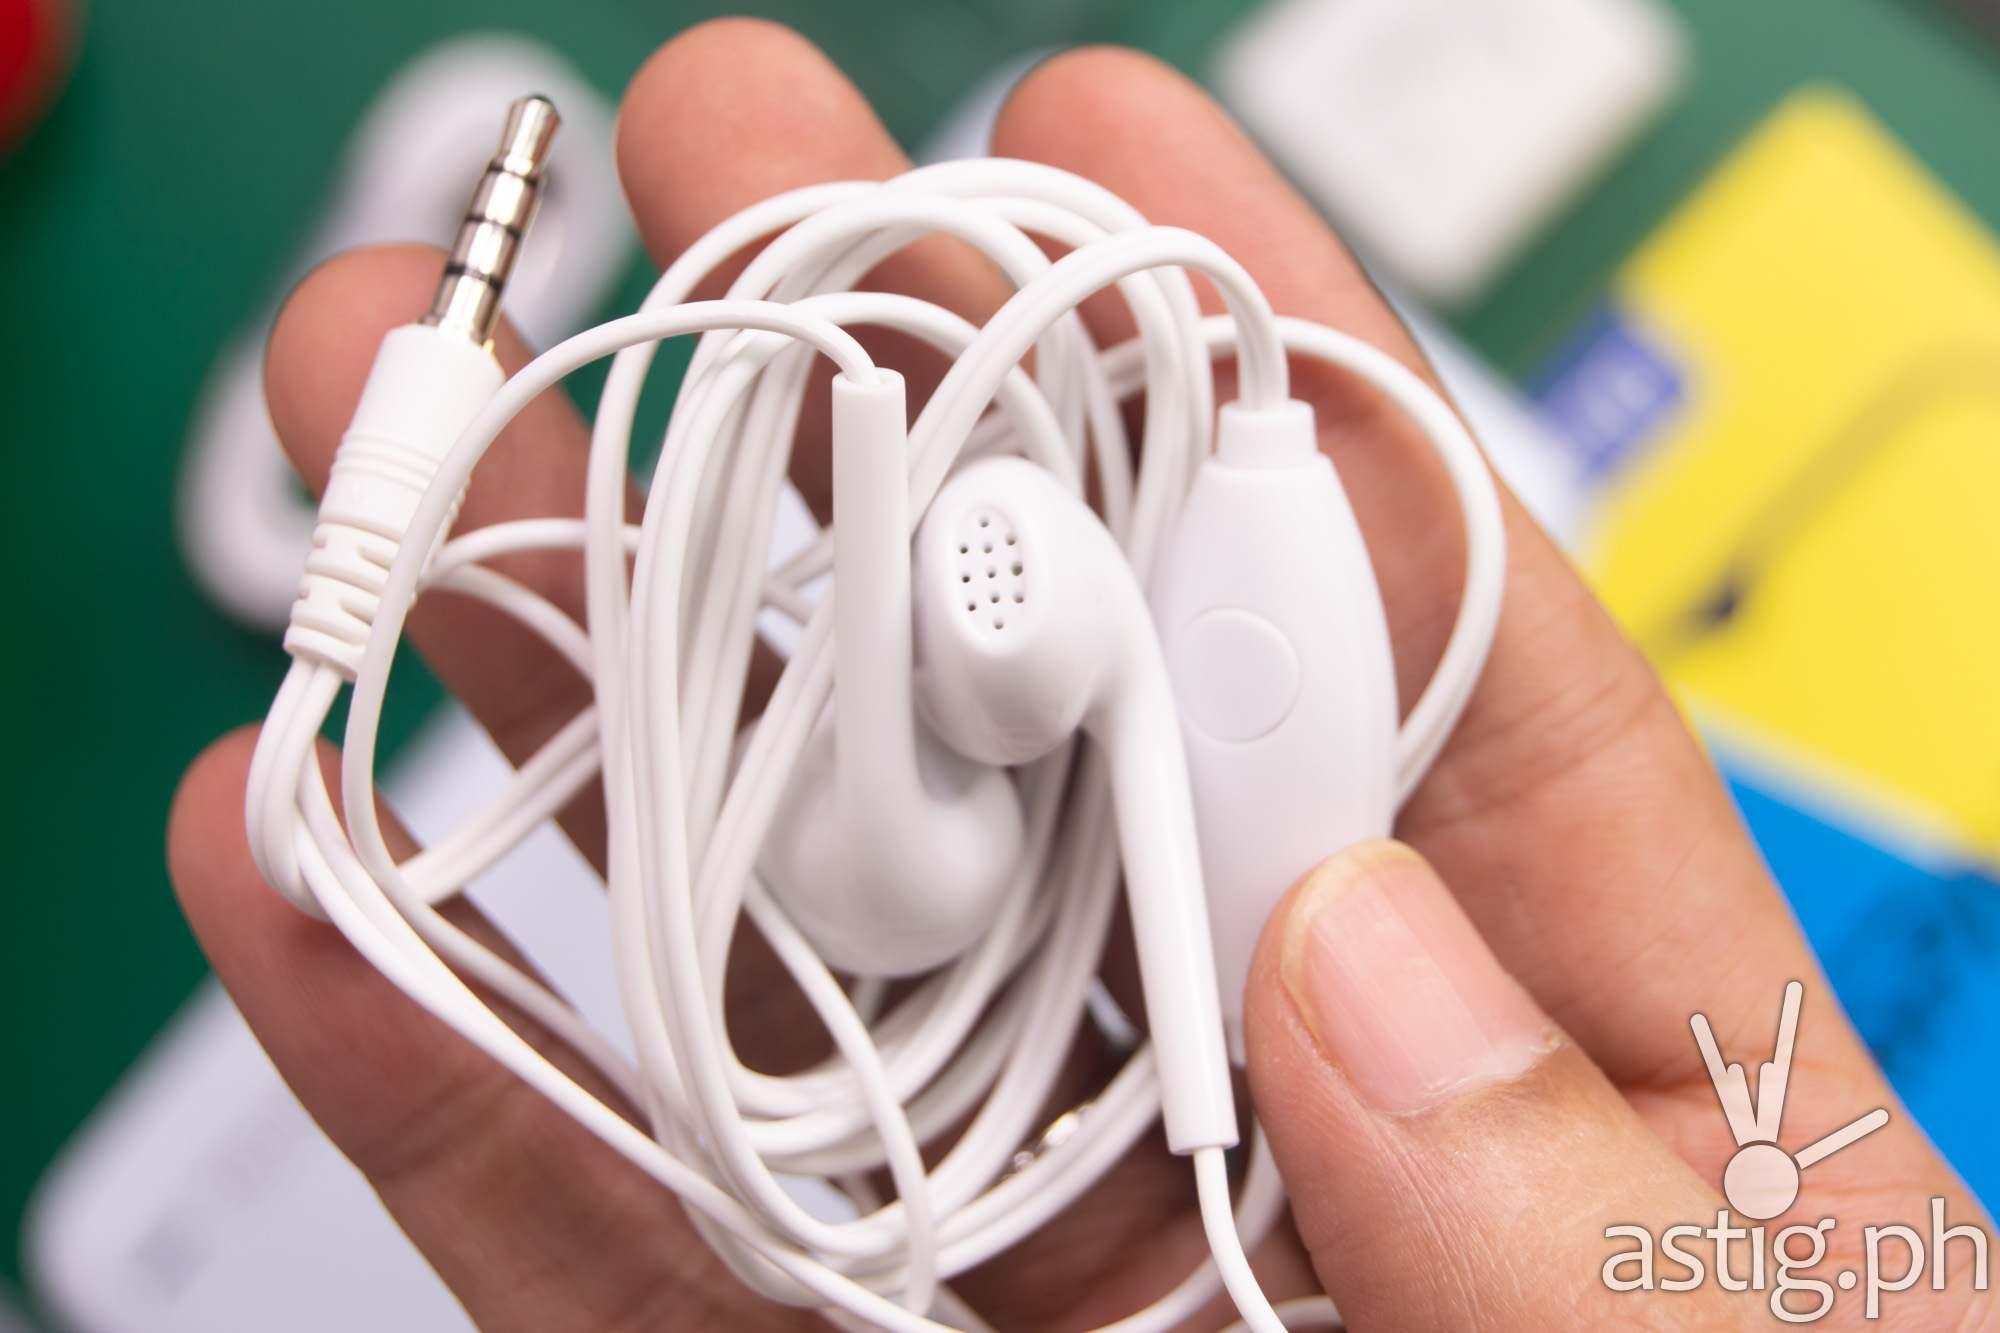 Headset - TECNO Spark 6 Go (Philippines)